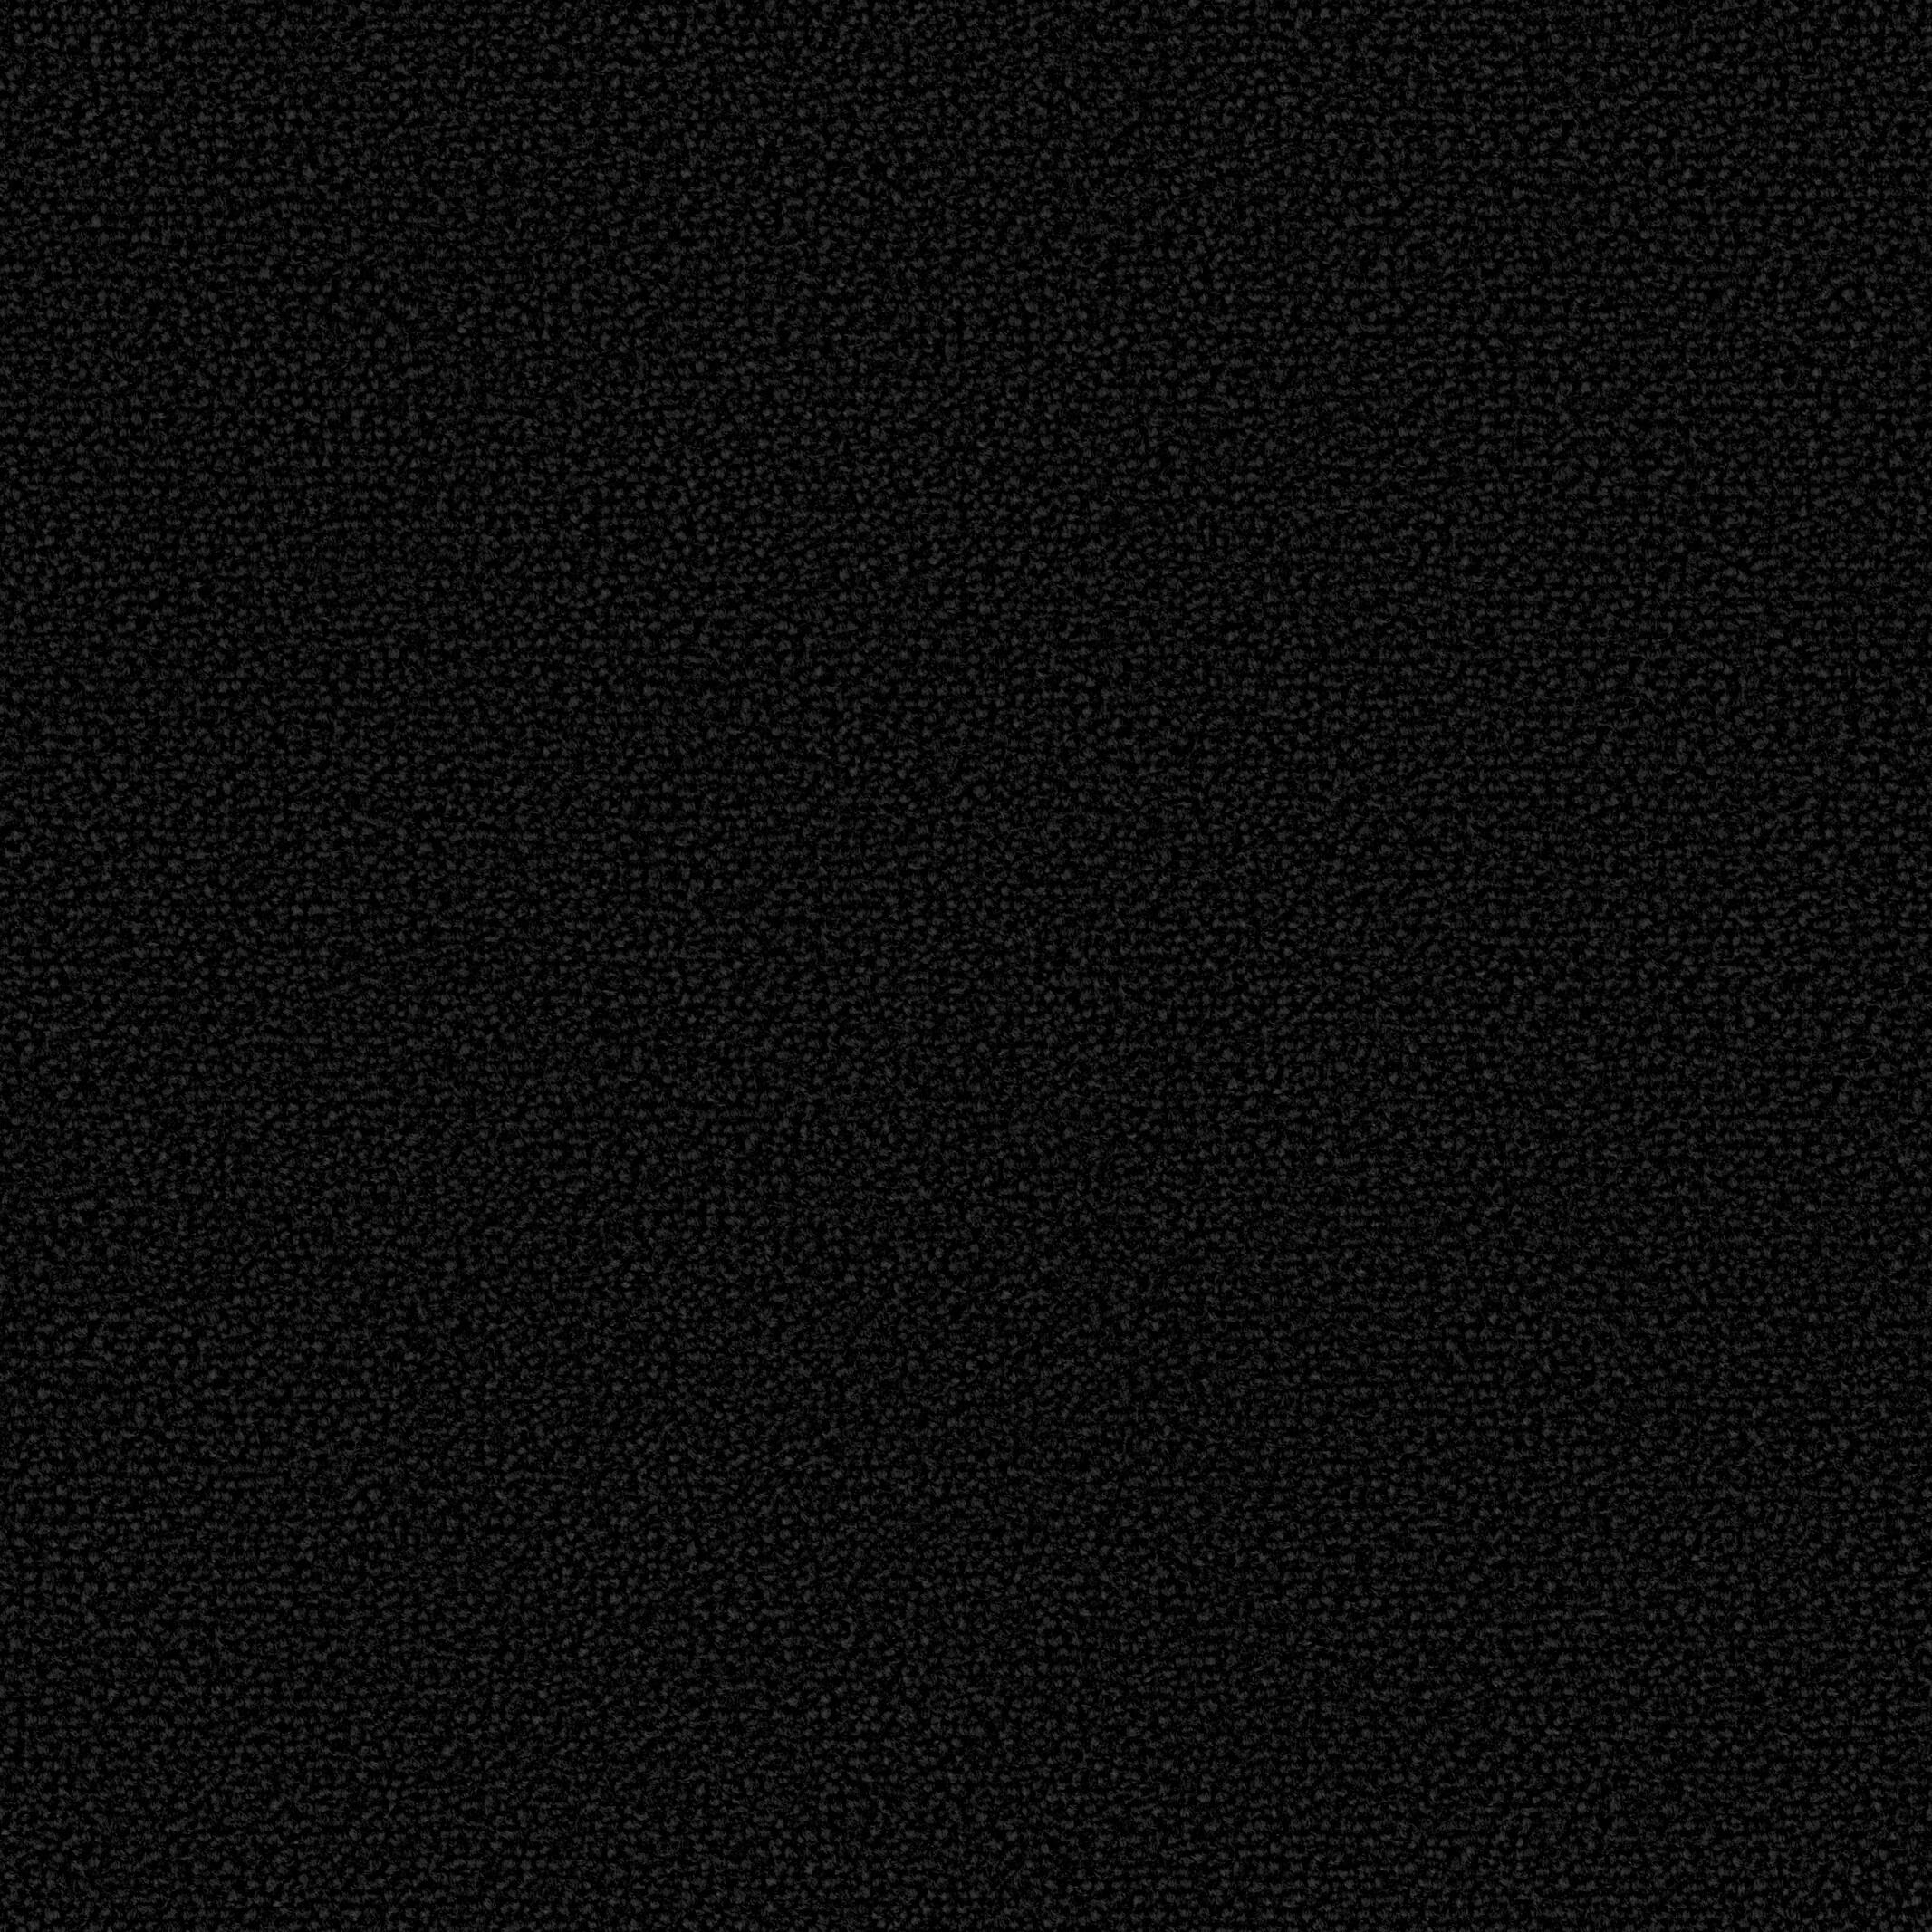 Светло черный цвет картинки